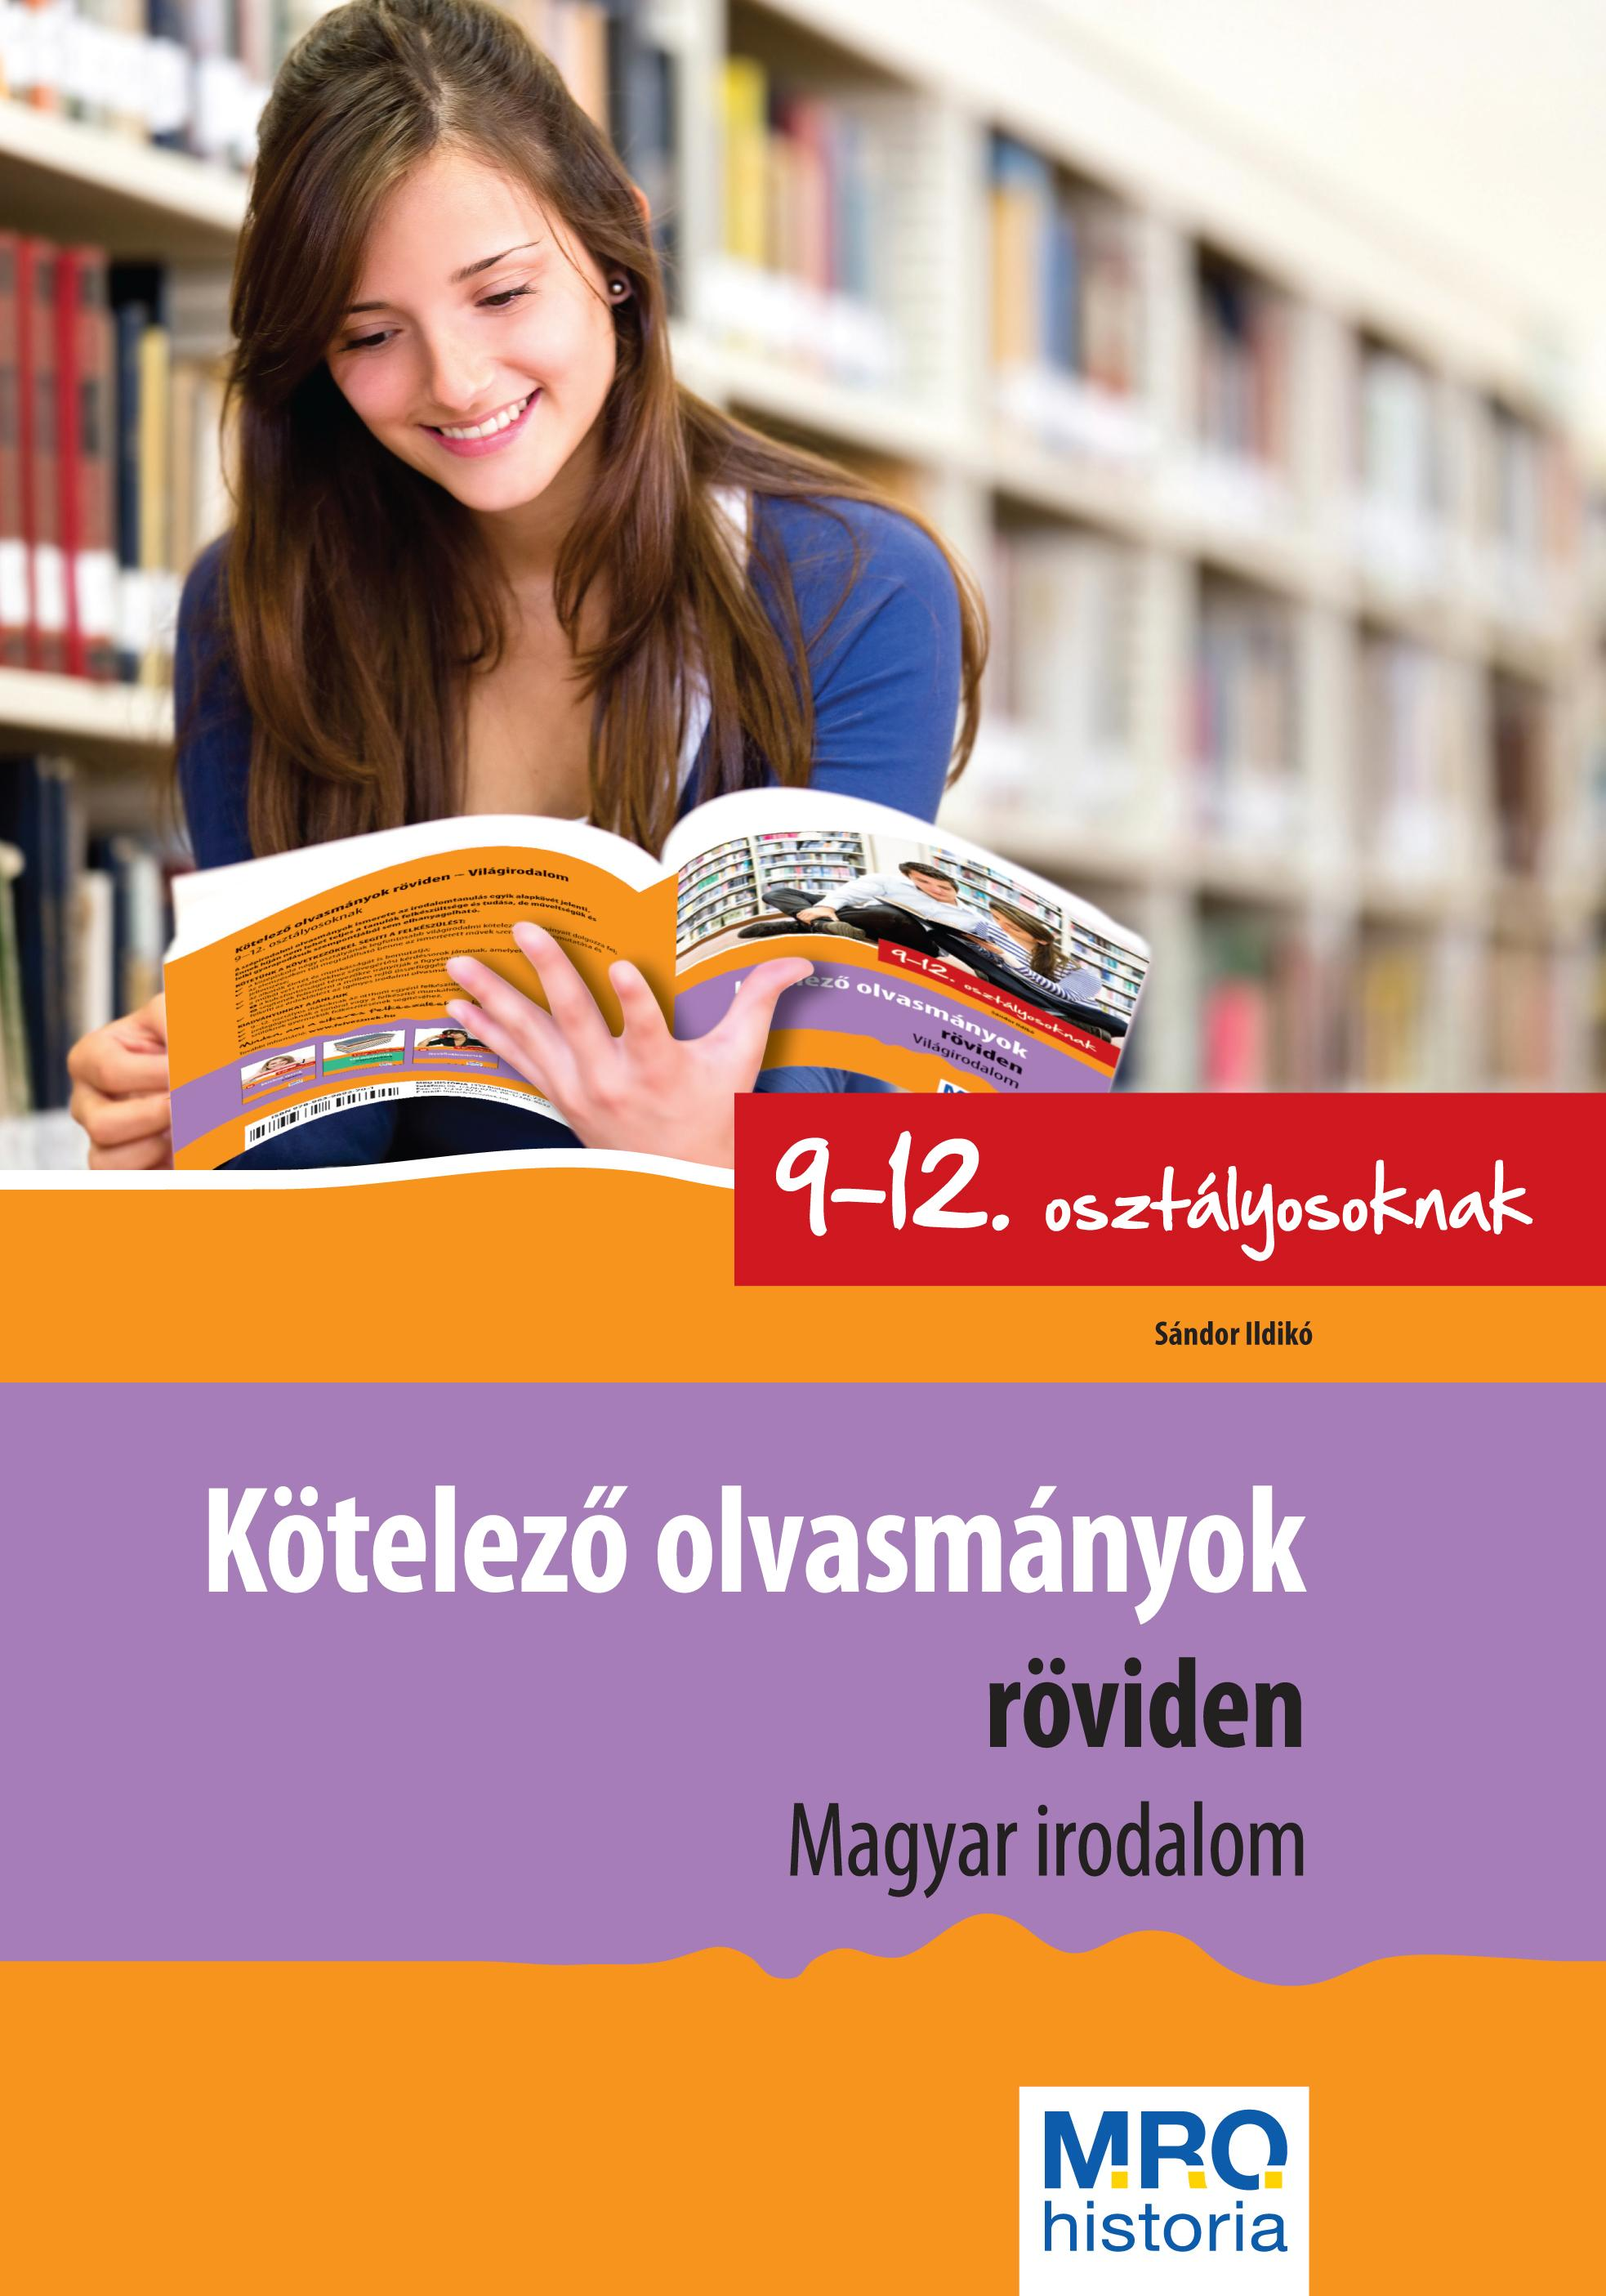 KÖTELEZŐ OLVASMÁNYOK RÖVIDEN 9-12. OSZT. - MAGYAR IRODALOM